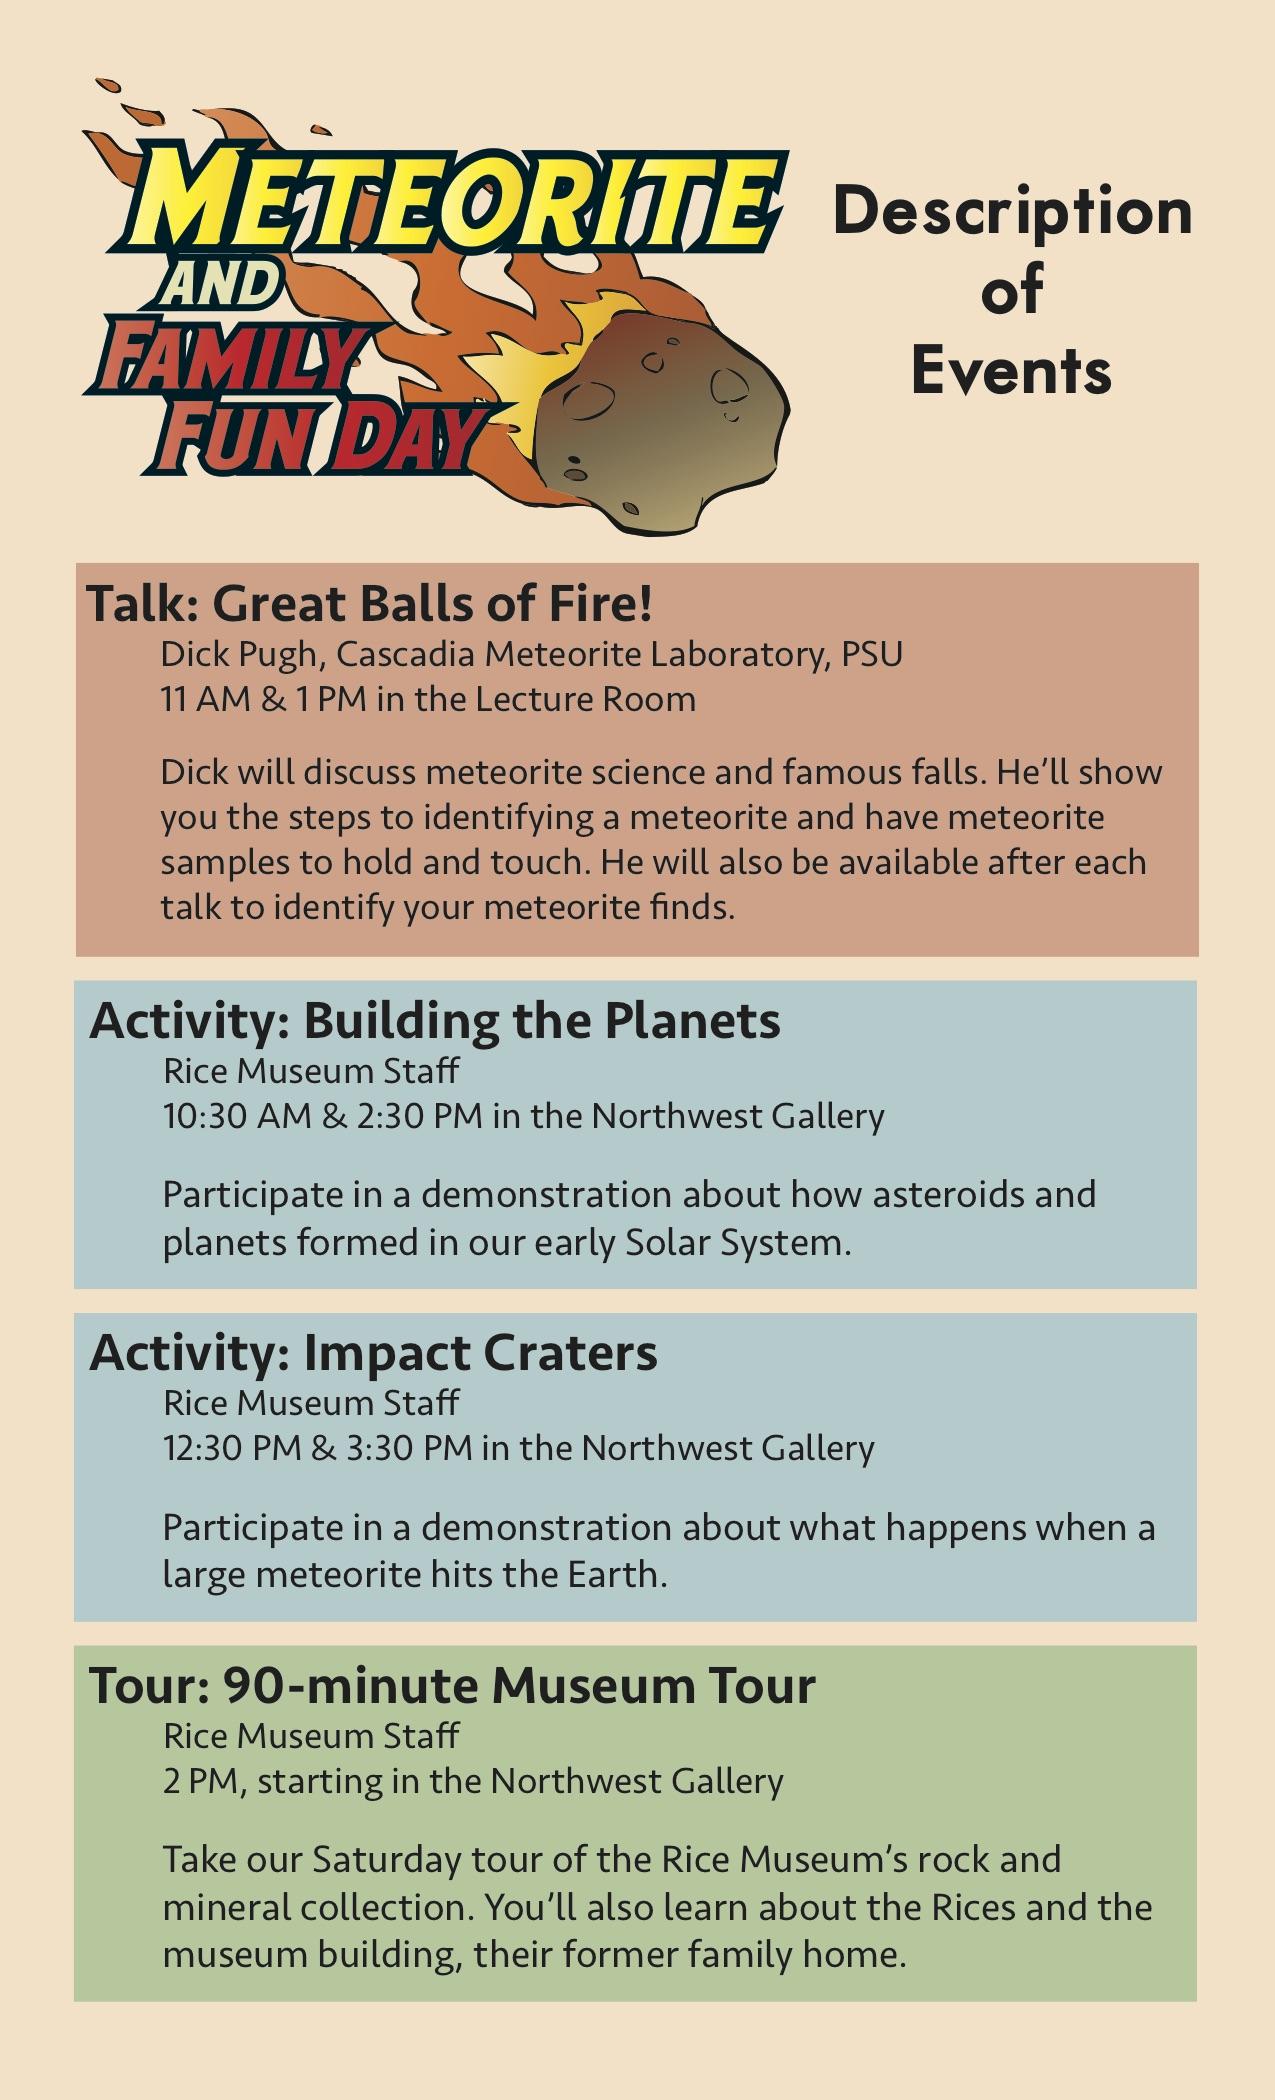 Meteorite Day Schedule Descriptions